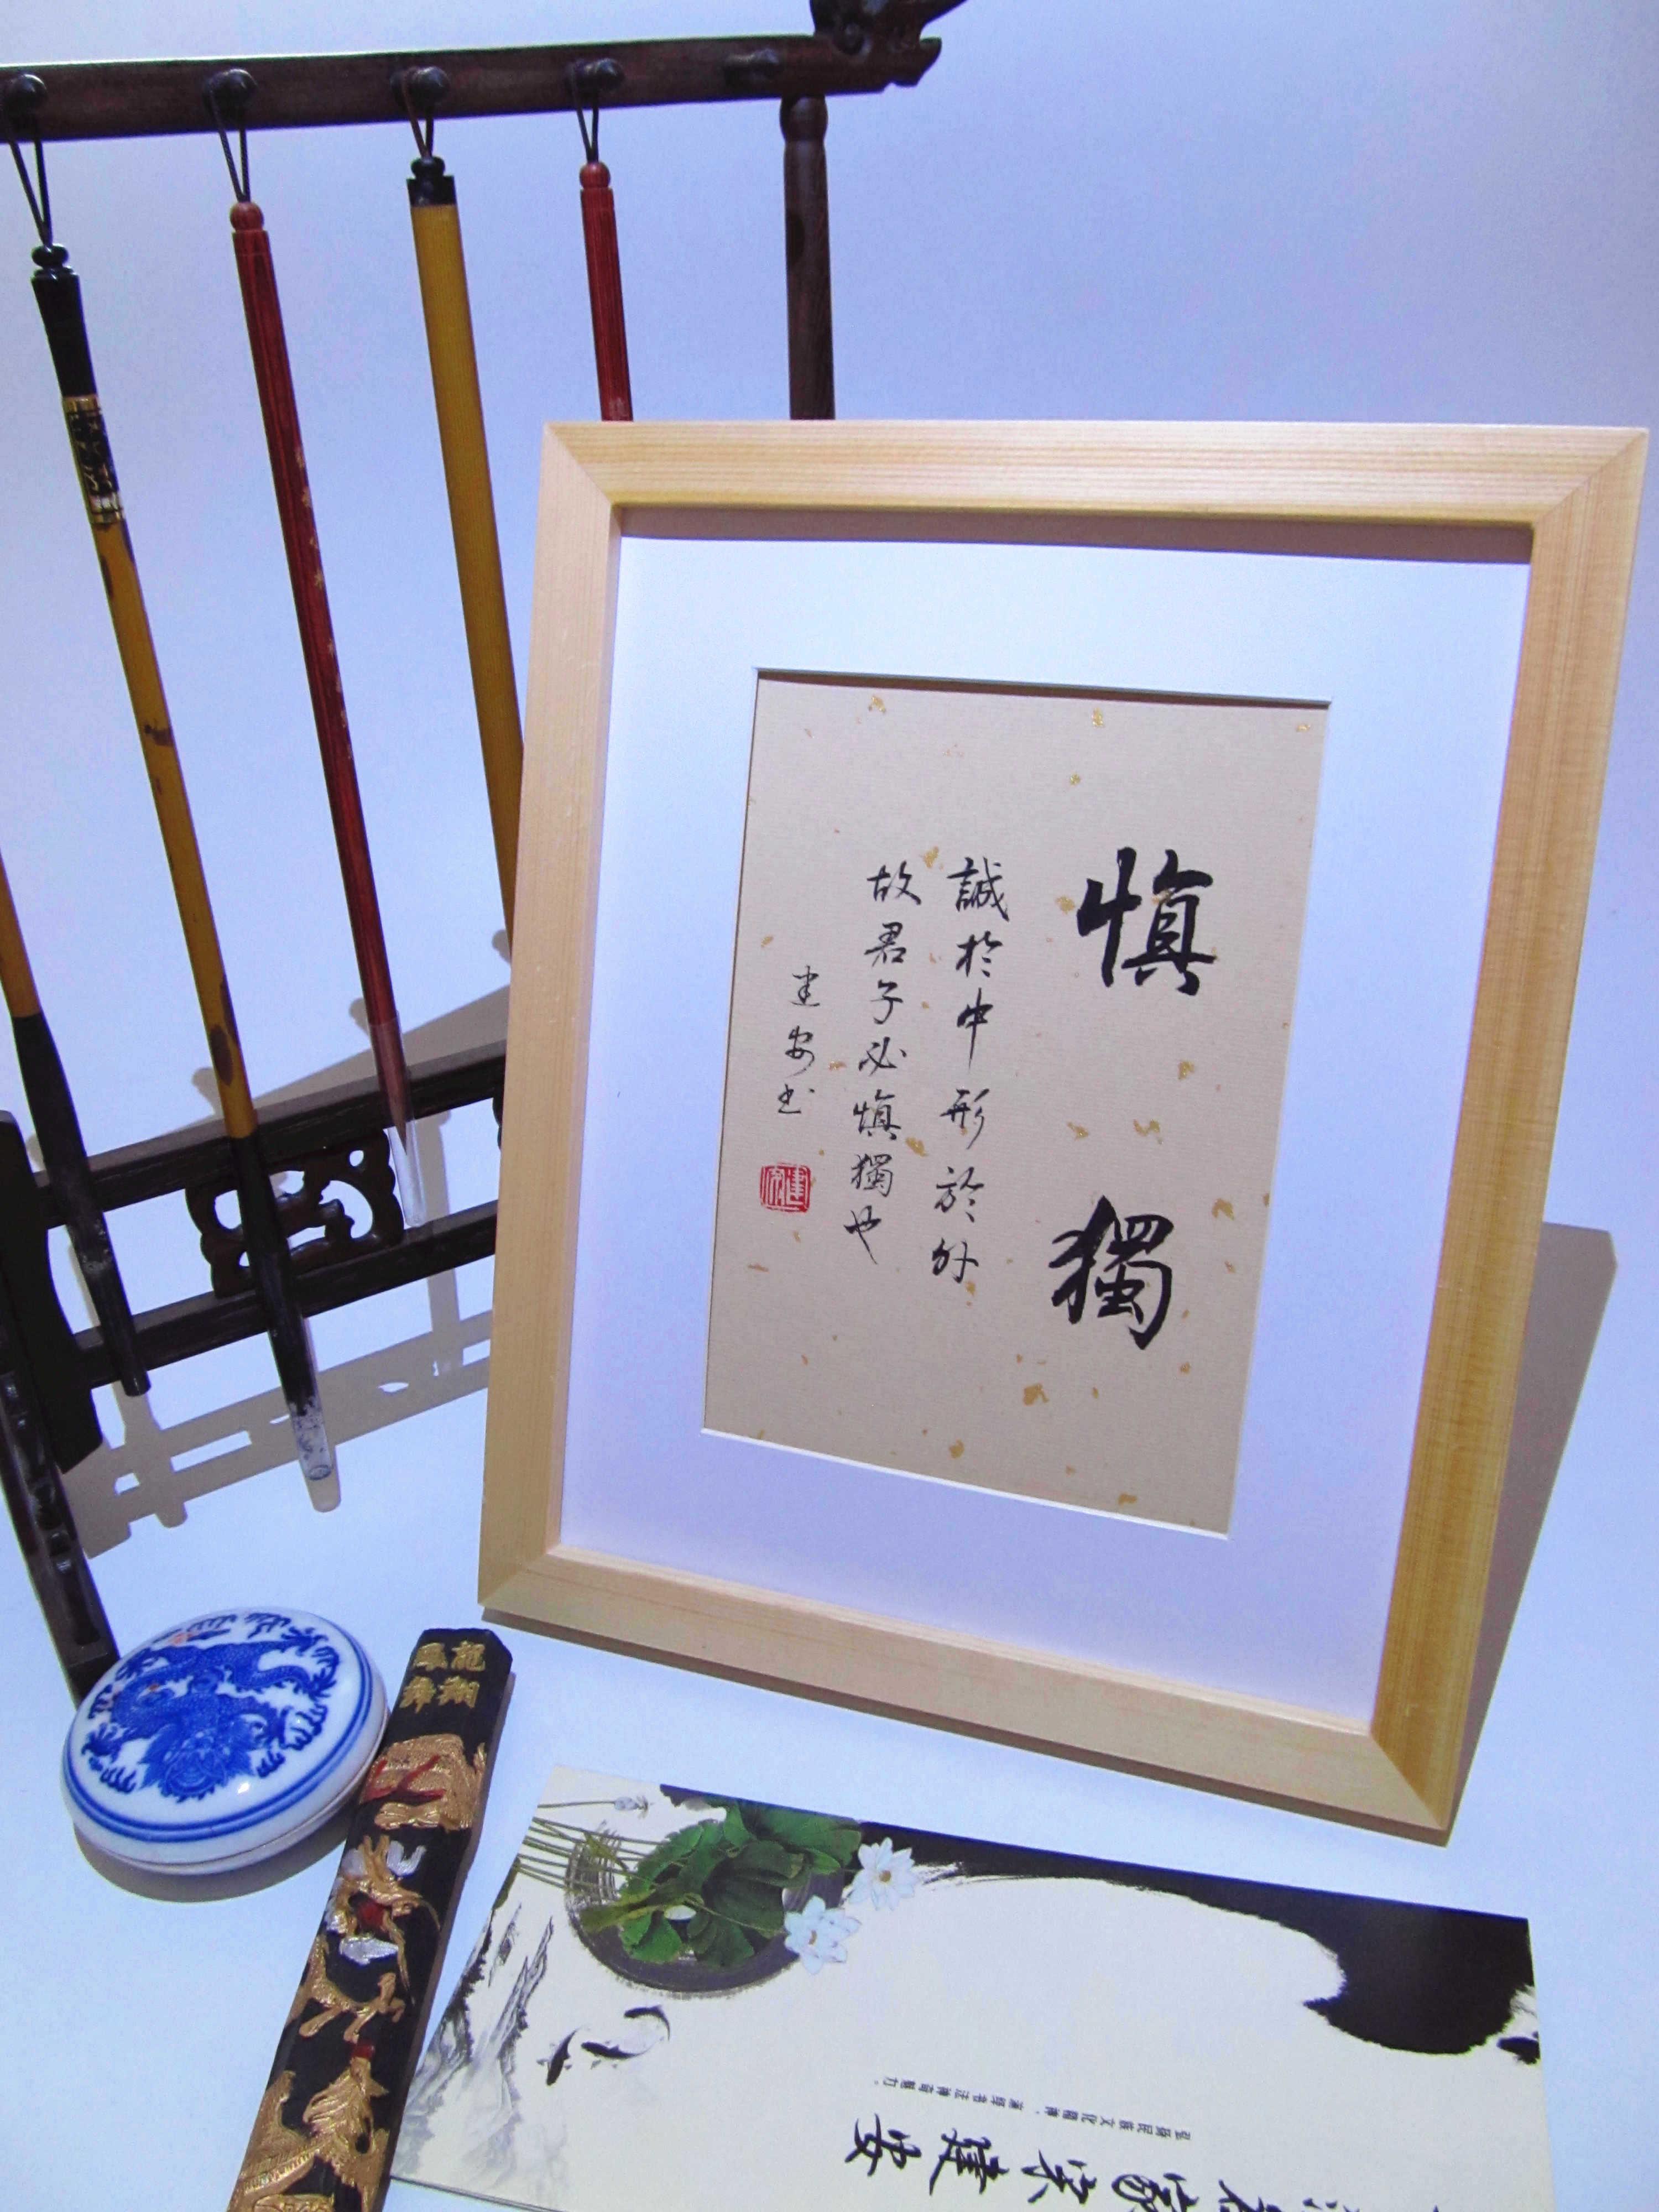 【觀經堂】君子慎獨書法作品字畫客廳辦公室擺件小楷手寫真跡